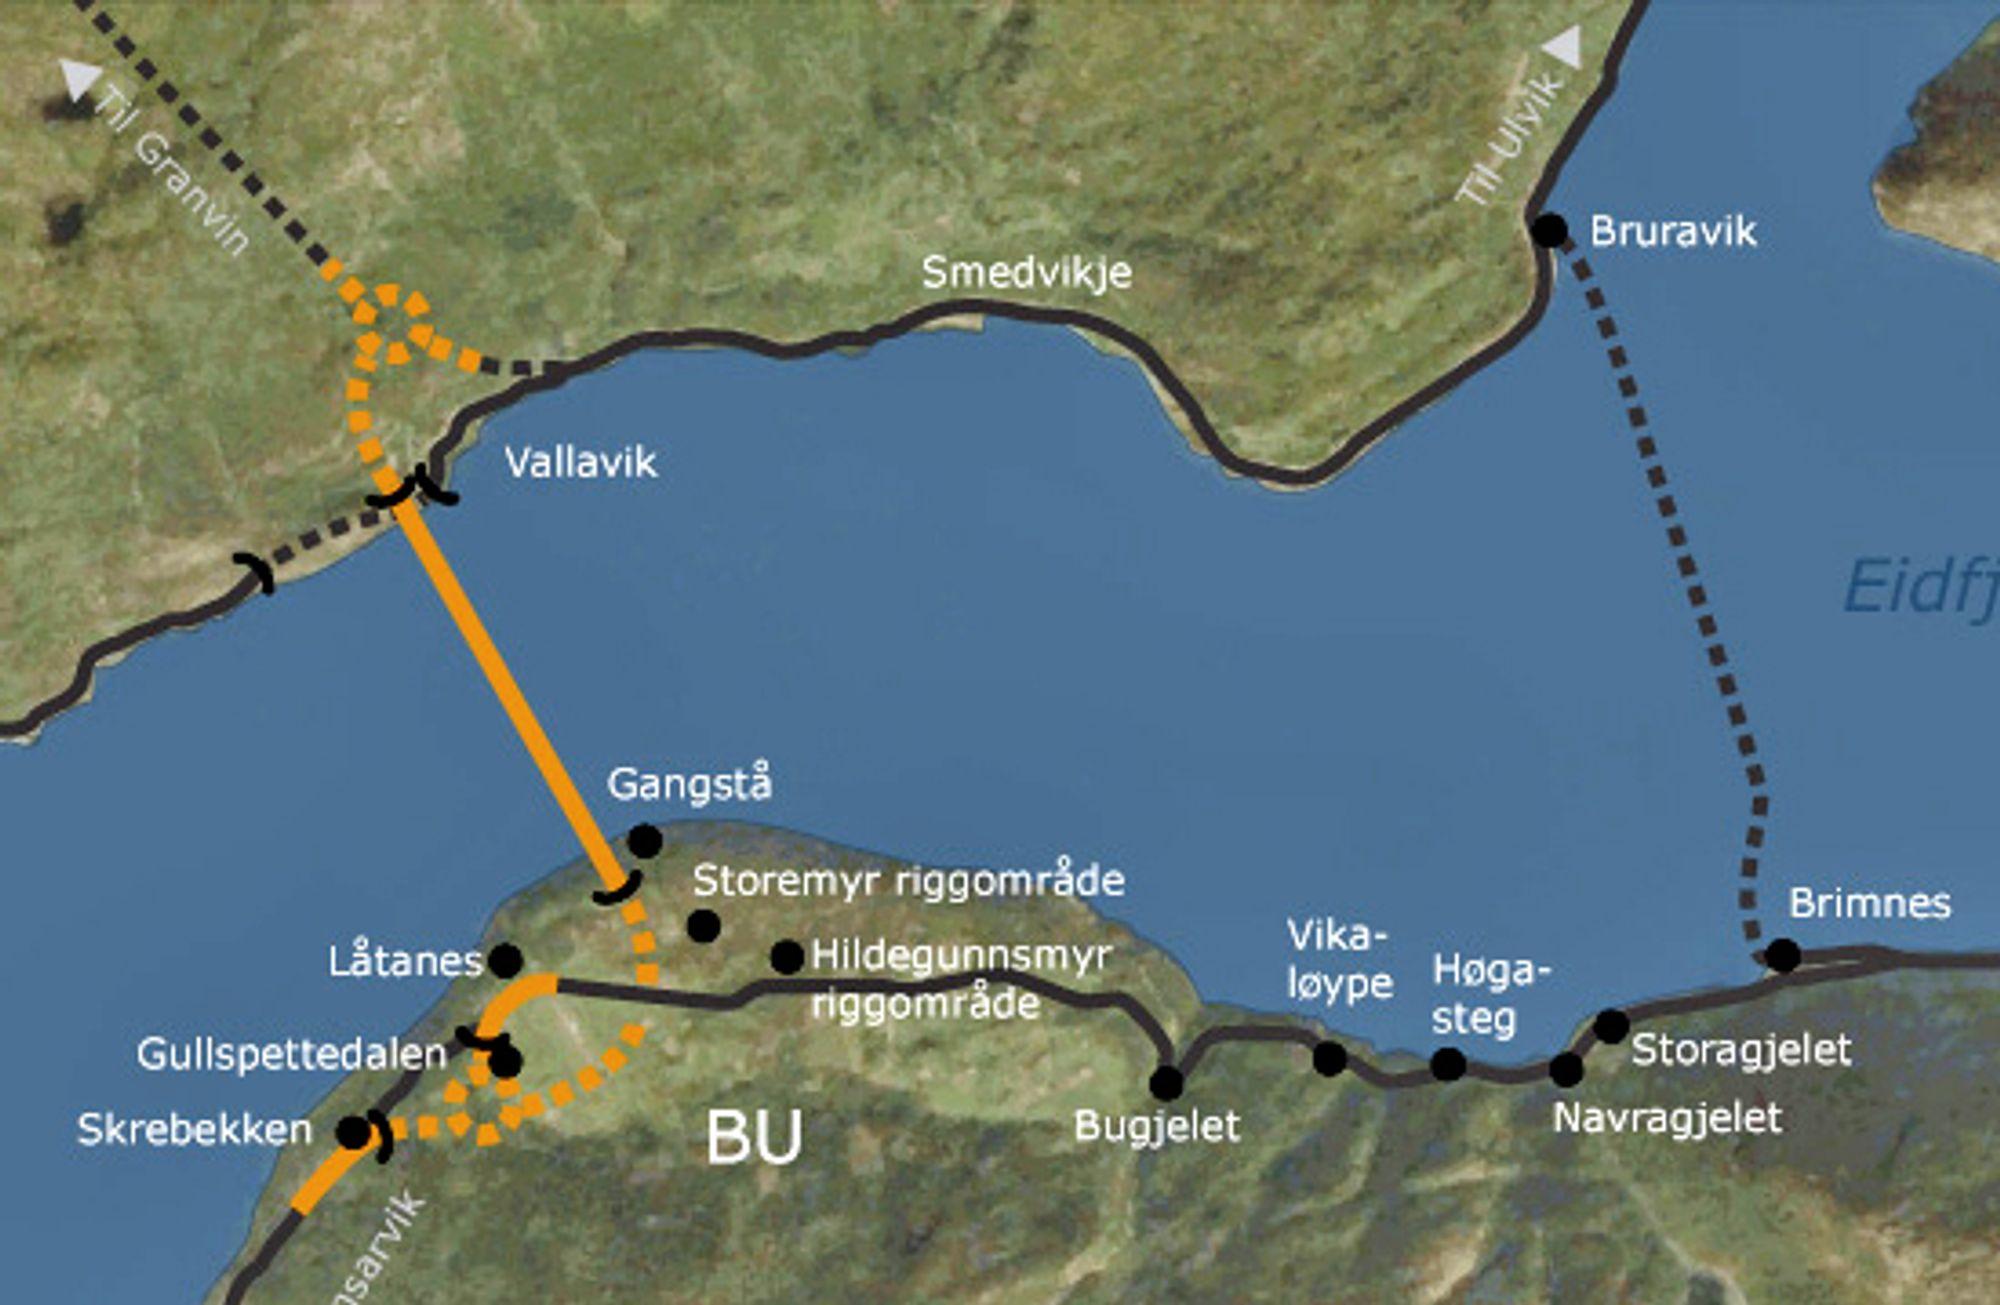 Strekningen som skal utbedres går mellom Nautaflåt og Bugjelet, som ligger omtrent midtveis mellom Bu og Brimnes. Mye rart skal skje hvis ikke kontrakten går til E Opedal & Sønner. Ill.: Statens vegvesen